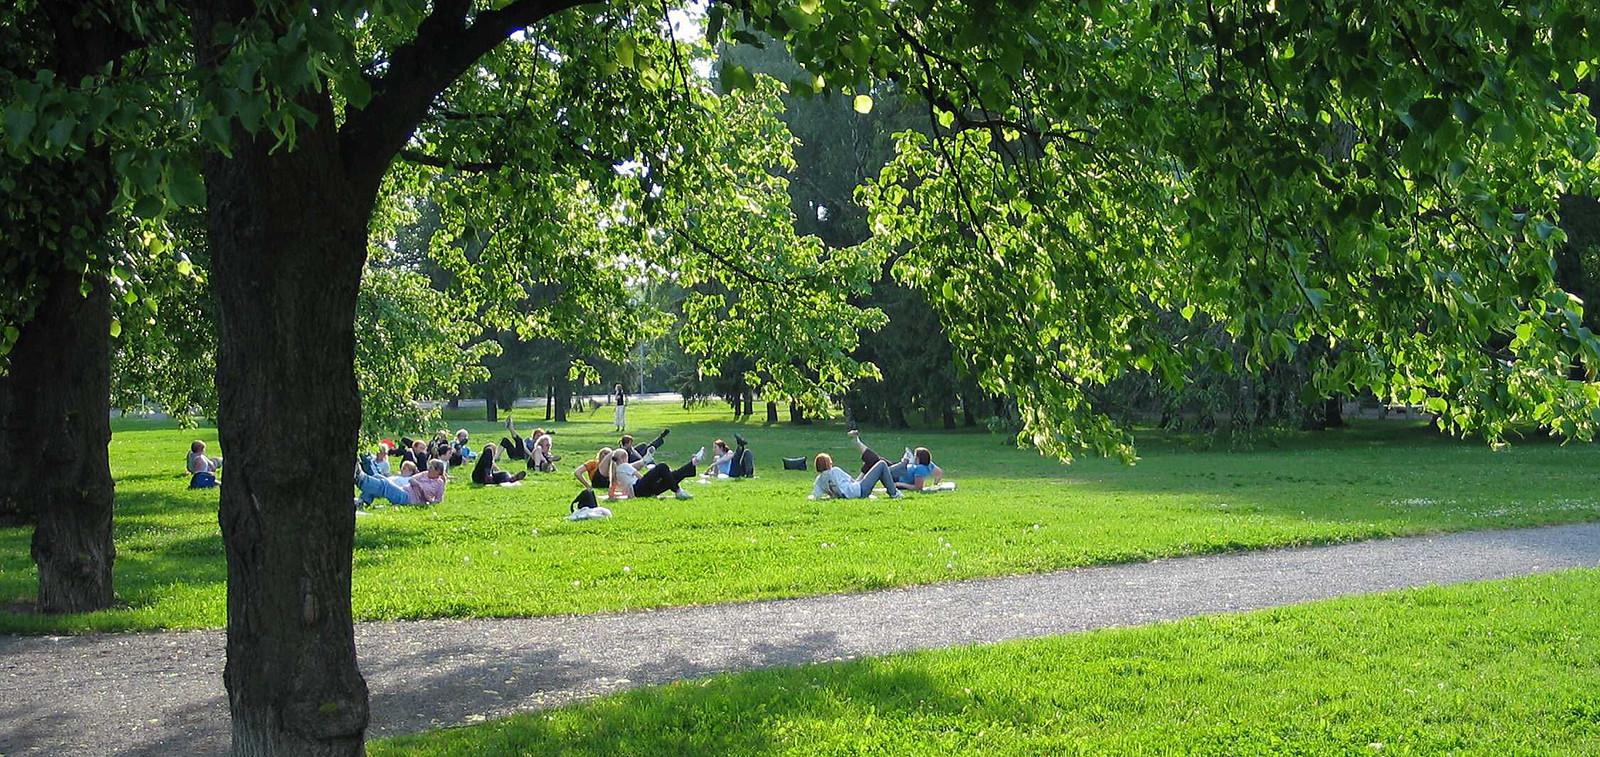 Ihmisiä nurmikolla Kupittaanpuistossa.